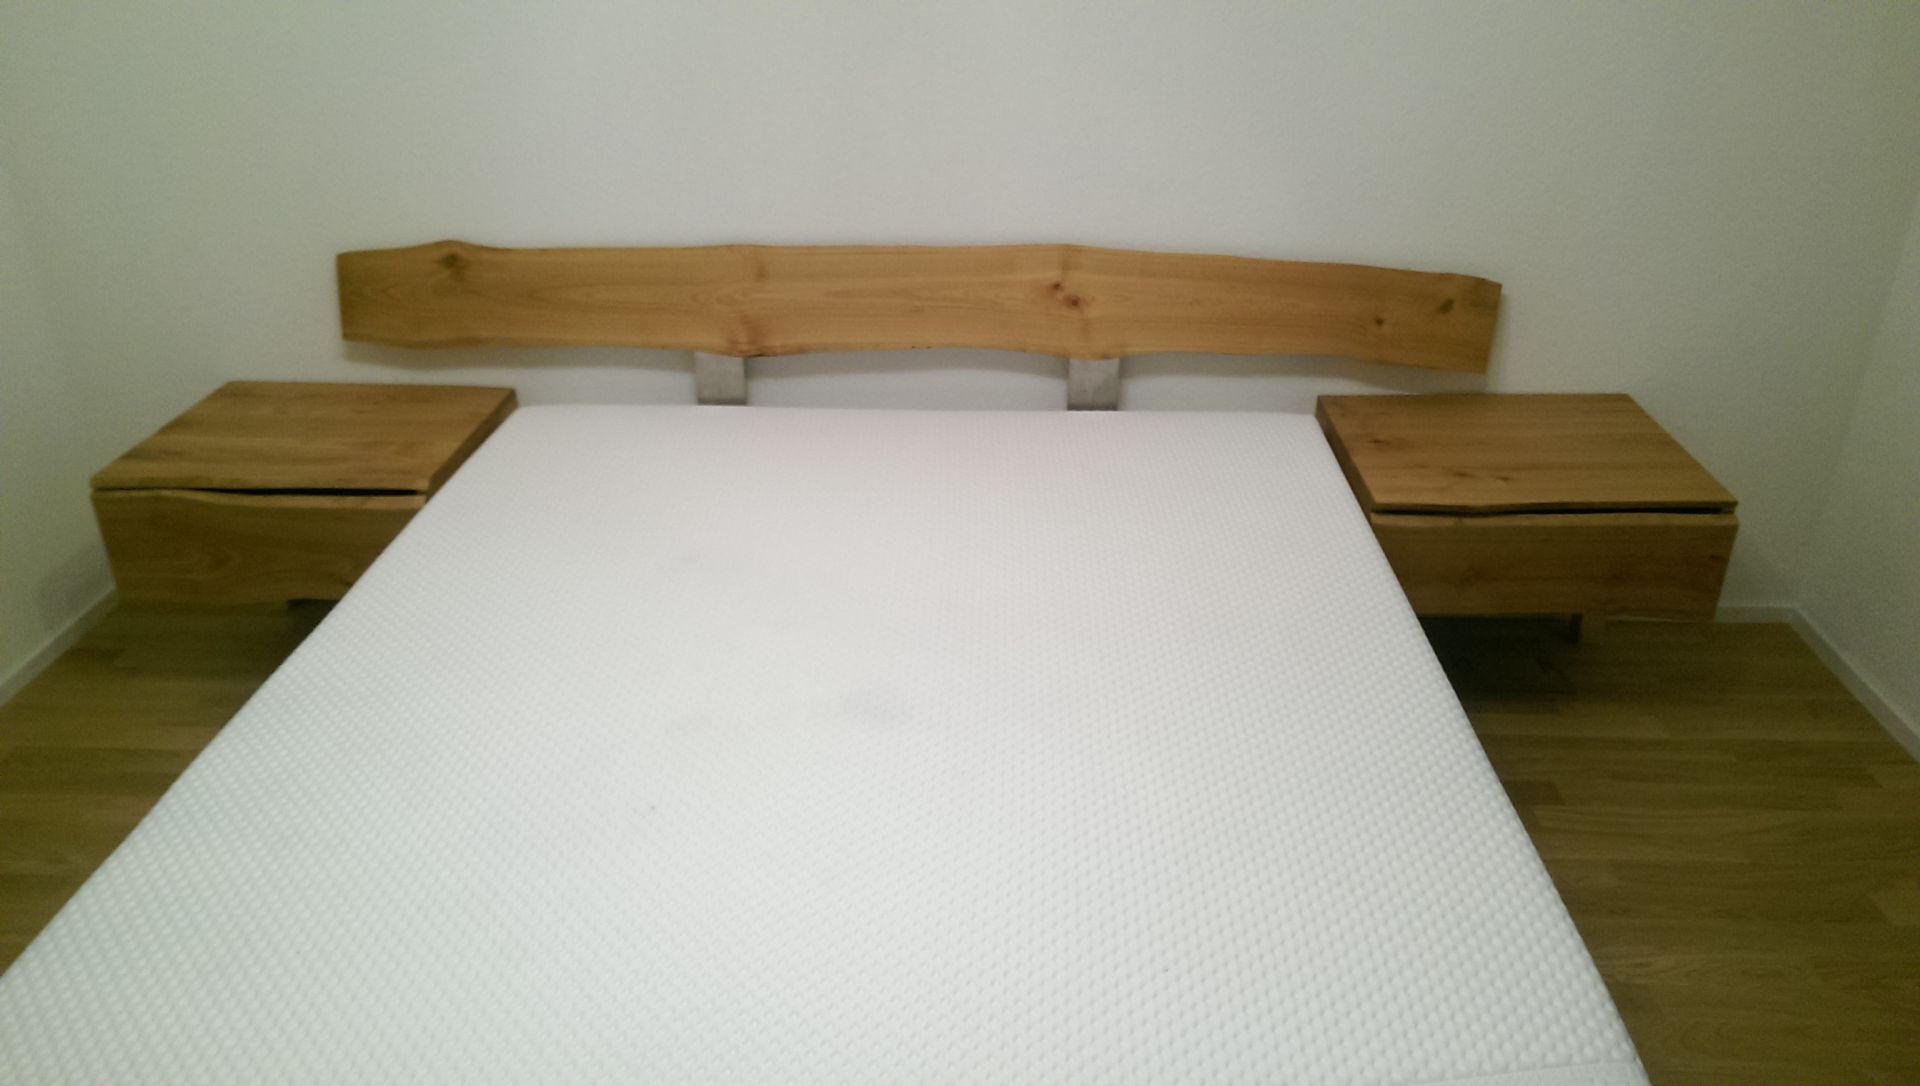 schlafzimmer kirschbaum berbauschrank schlafzimmer concord bettdecken test feng shui. Black Bedroom Furniture Sets. Home Design Ideas